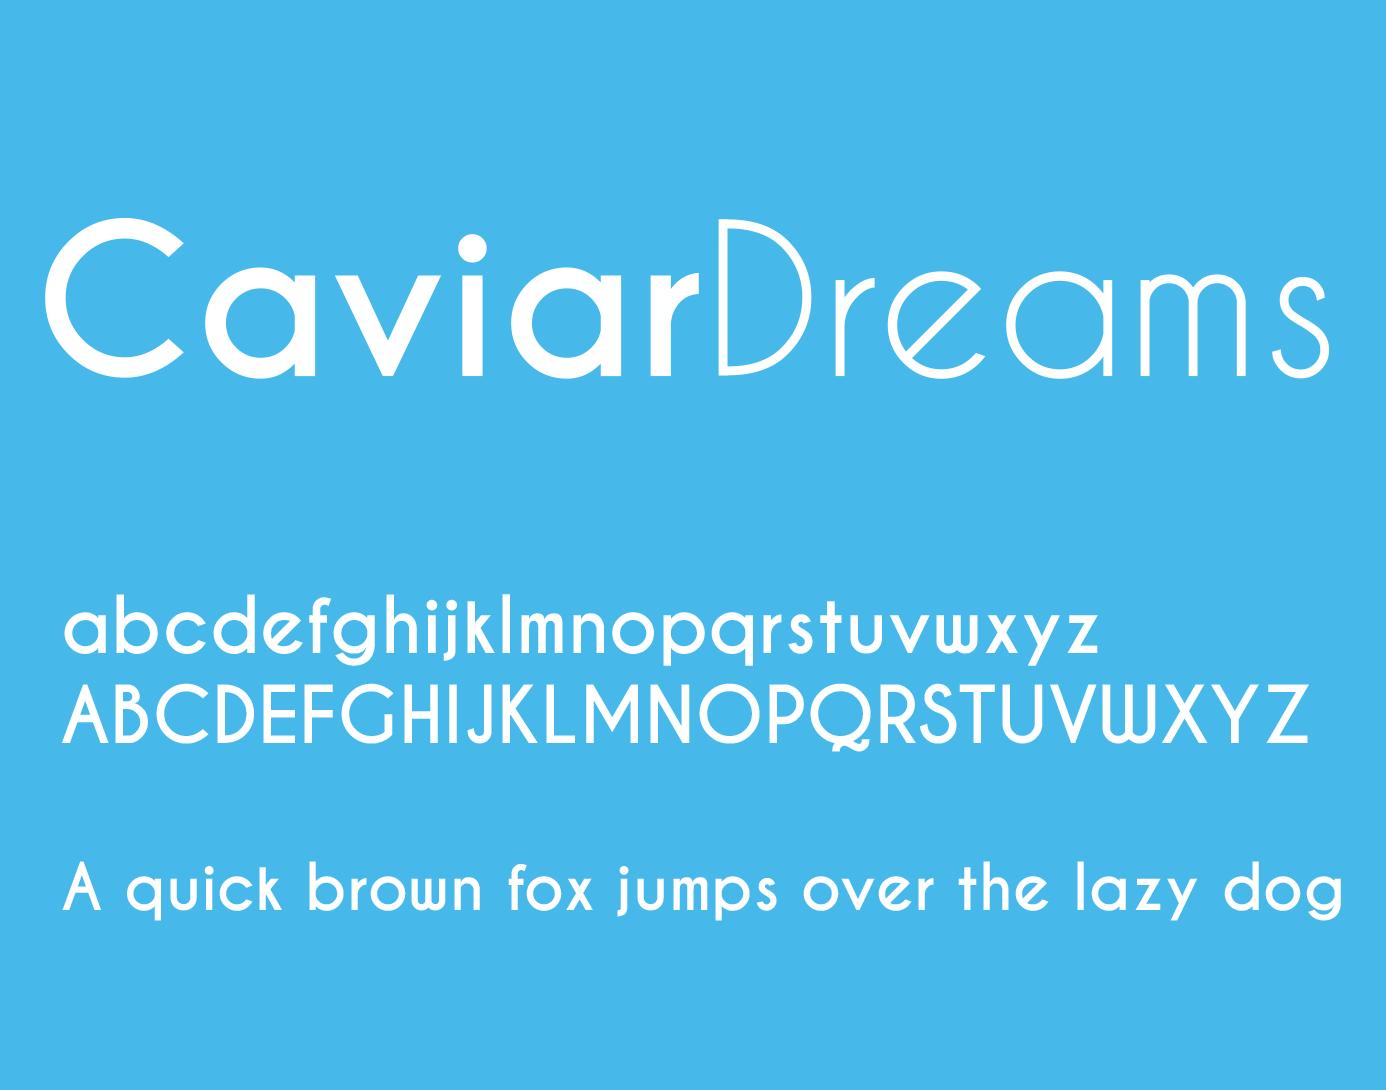 The font Caviar Dreams.